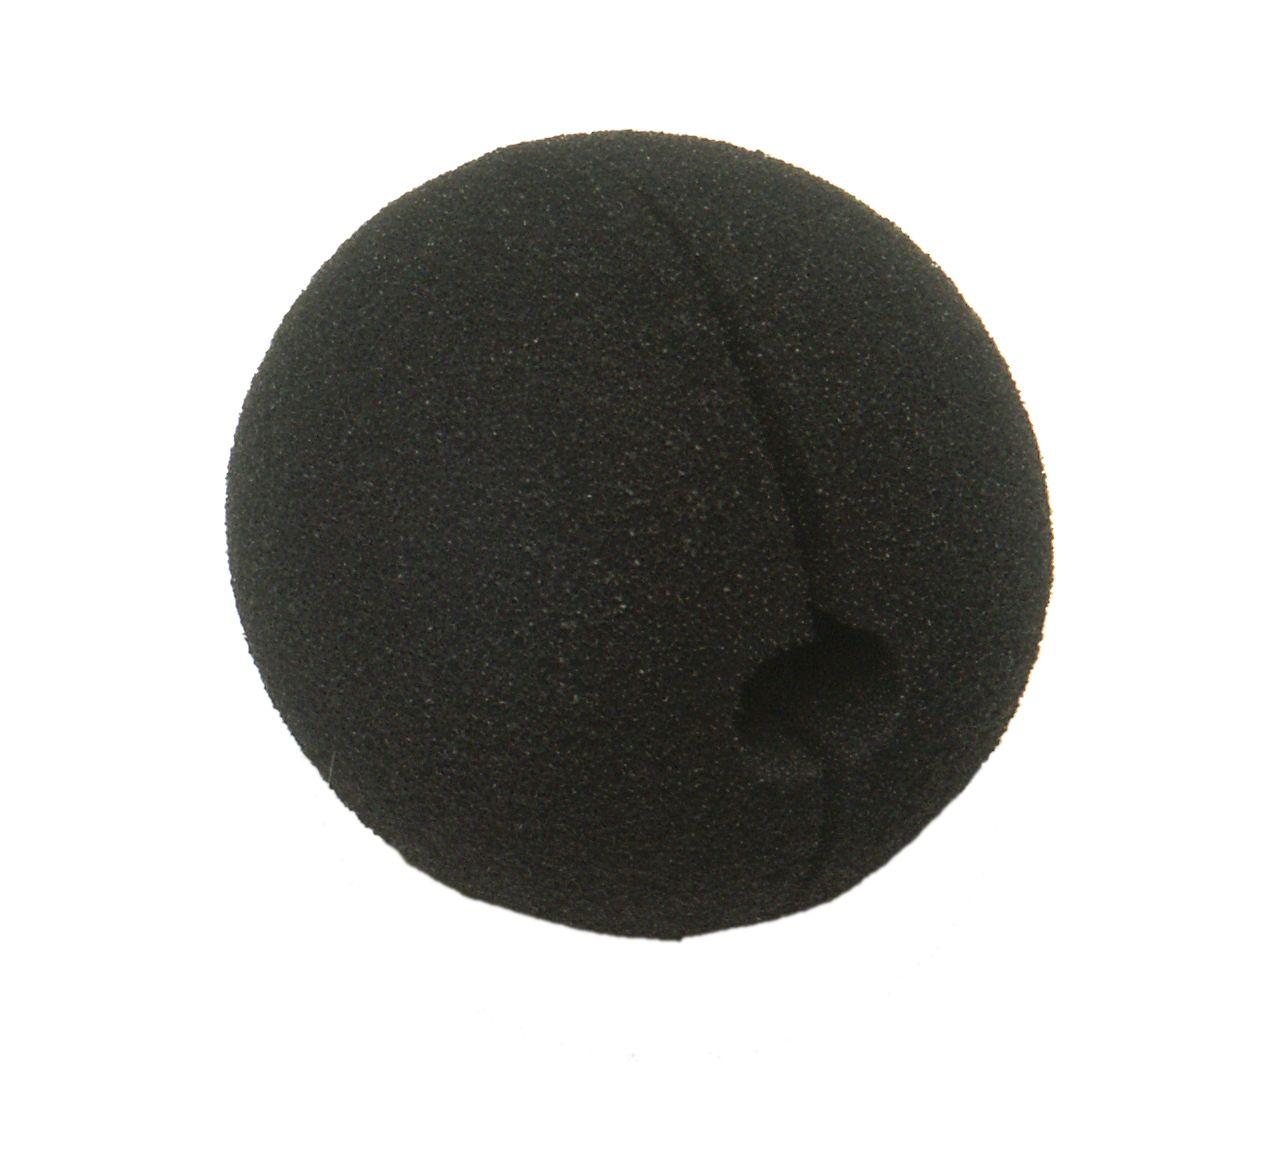 Nose Clown, black foam (Ø=5 cm)